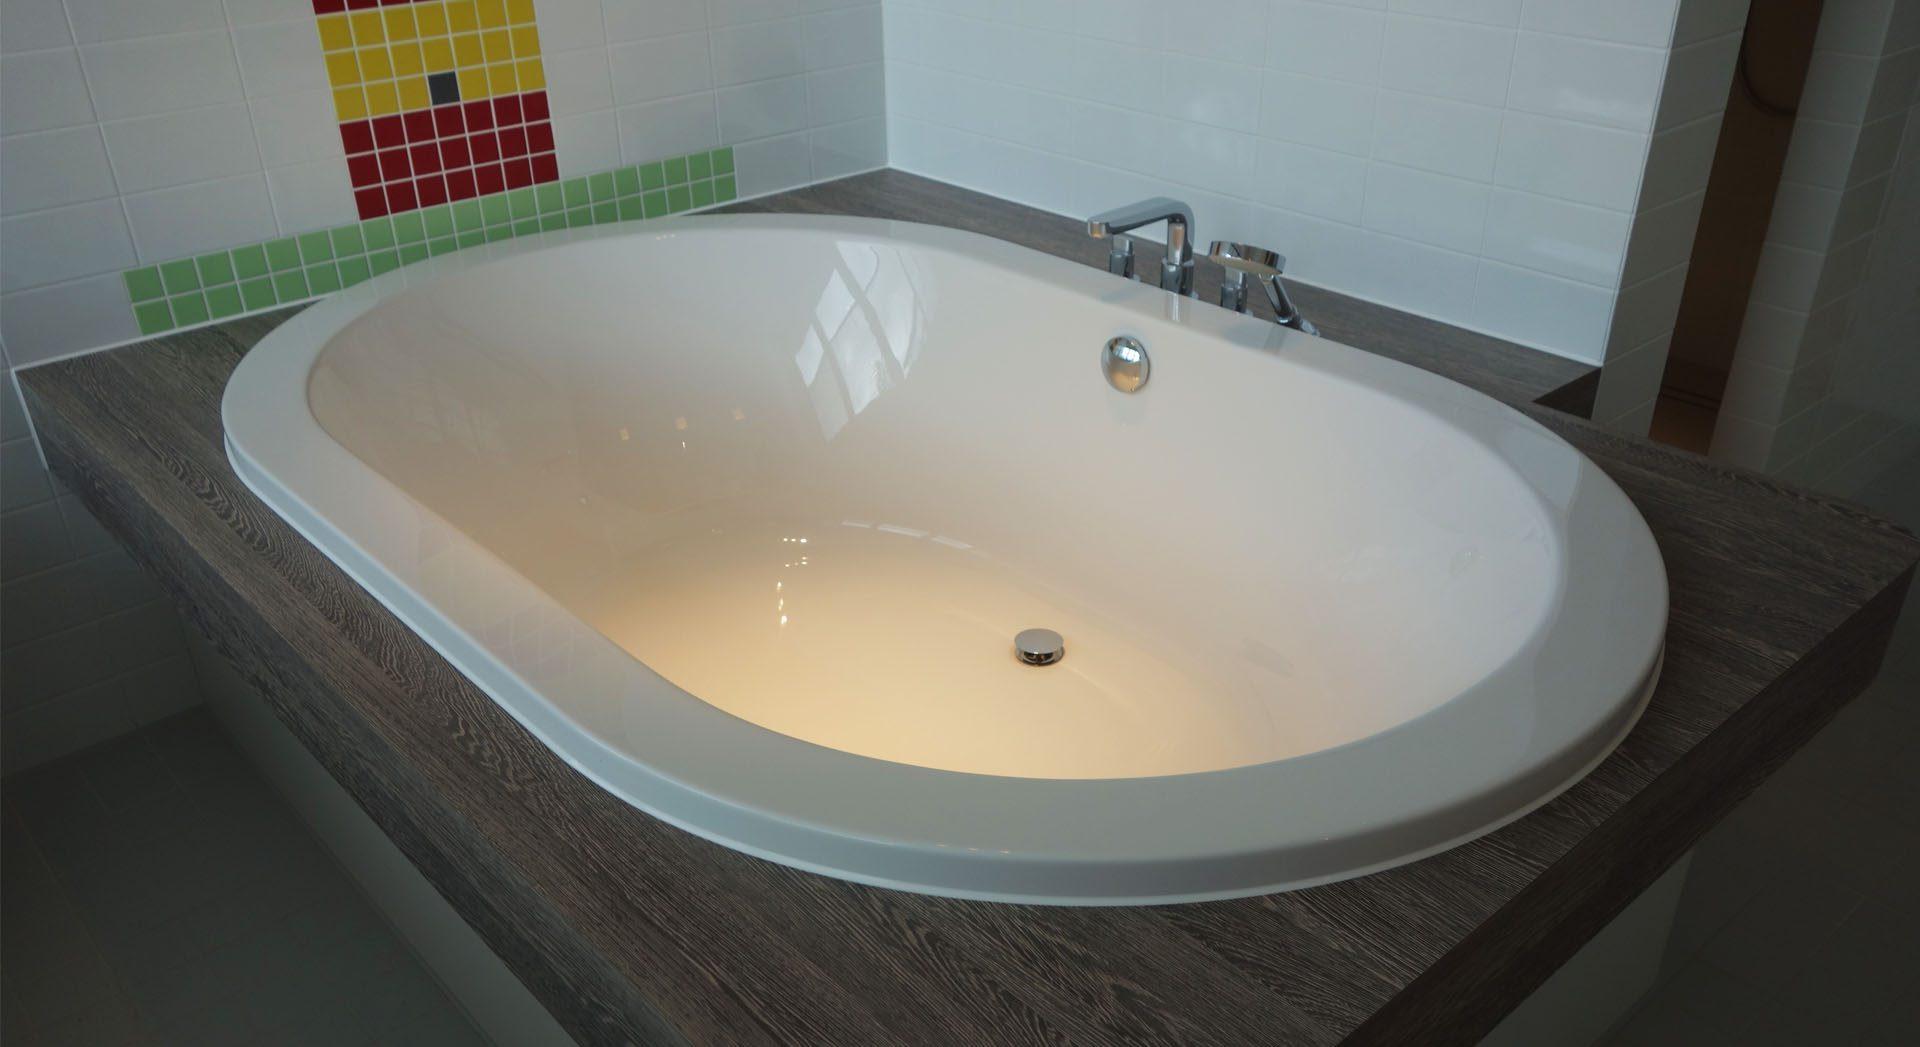 Einfamilienhaus; Innenarchitektur; Möbeldesign; Badgestaltung; Badewanne; Lichtgestaltung; Lichtdesign;